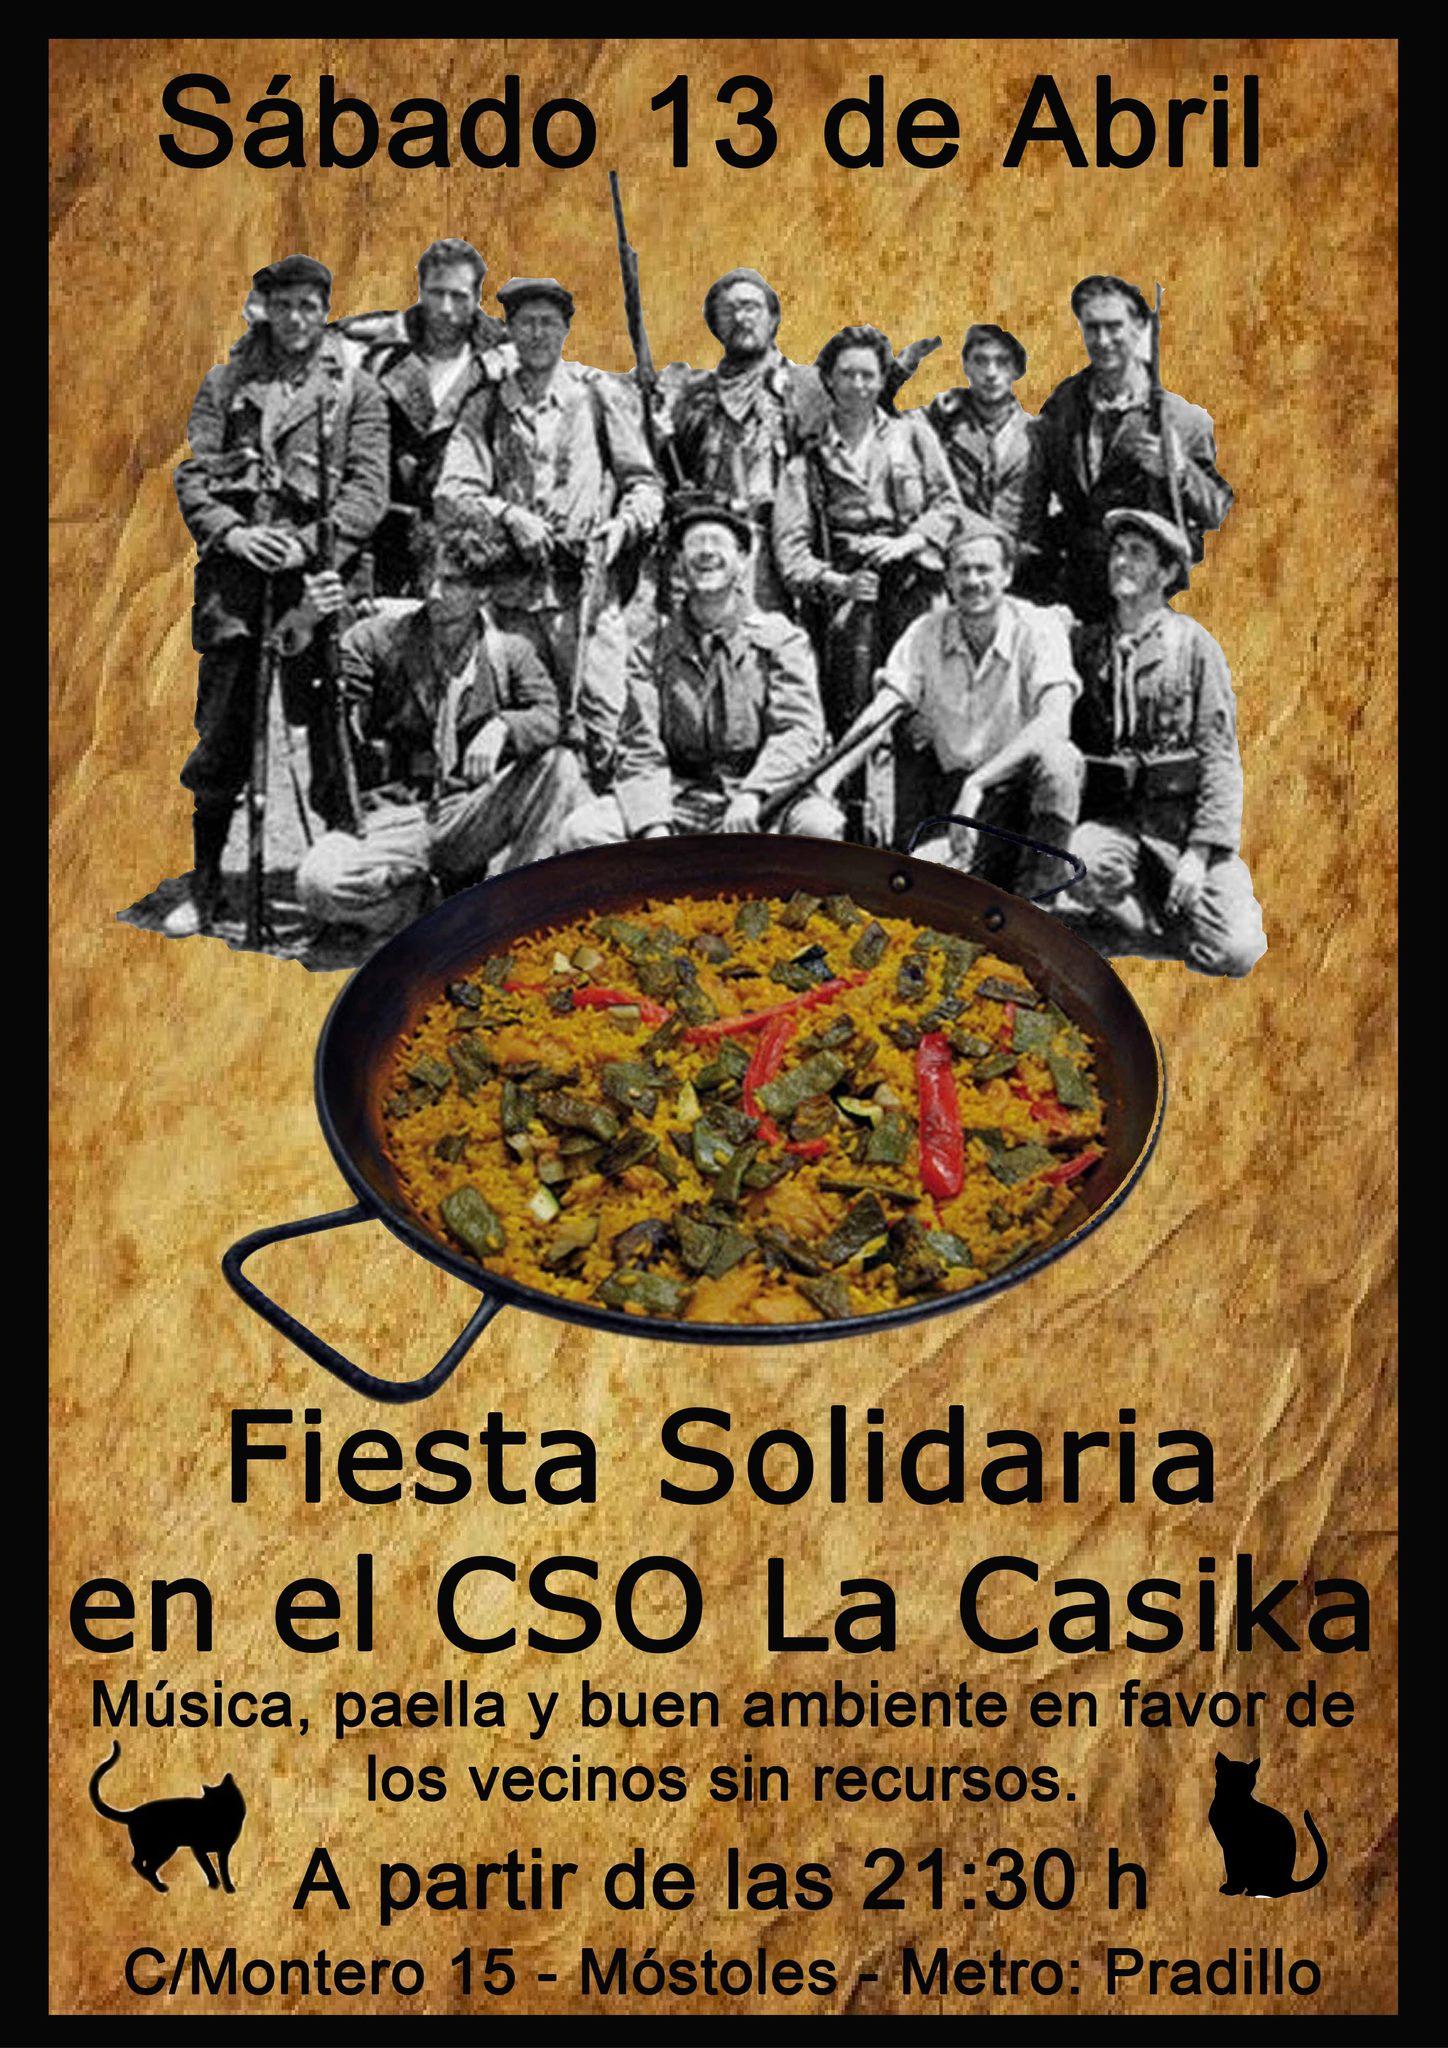 Fiesta solidaria - sabado 13 abril 2013 en la Casika Móstoles